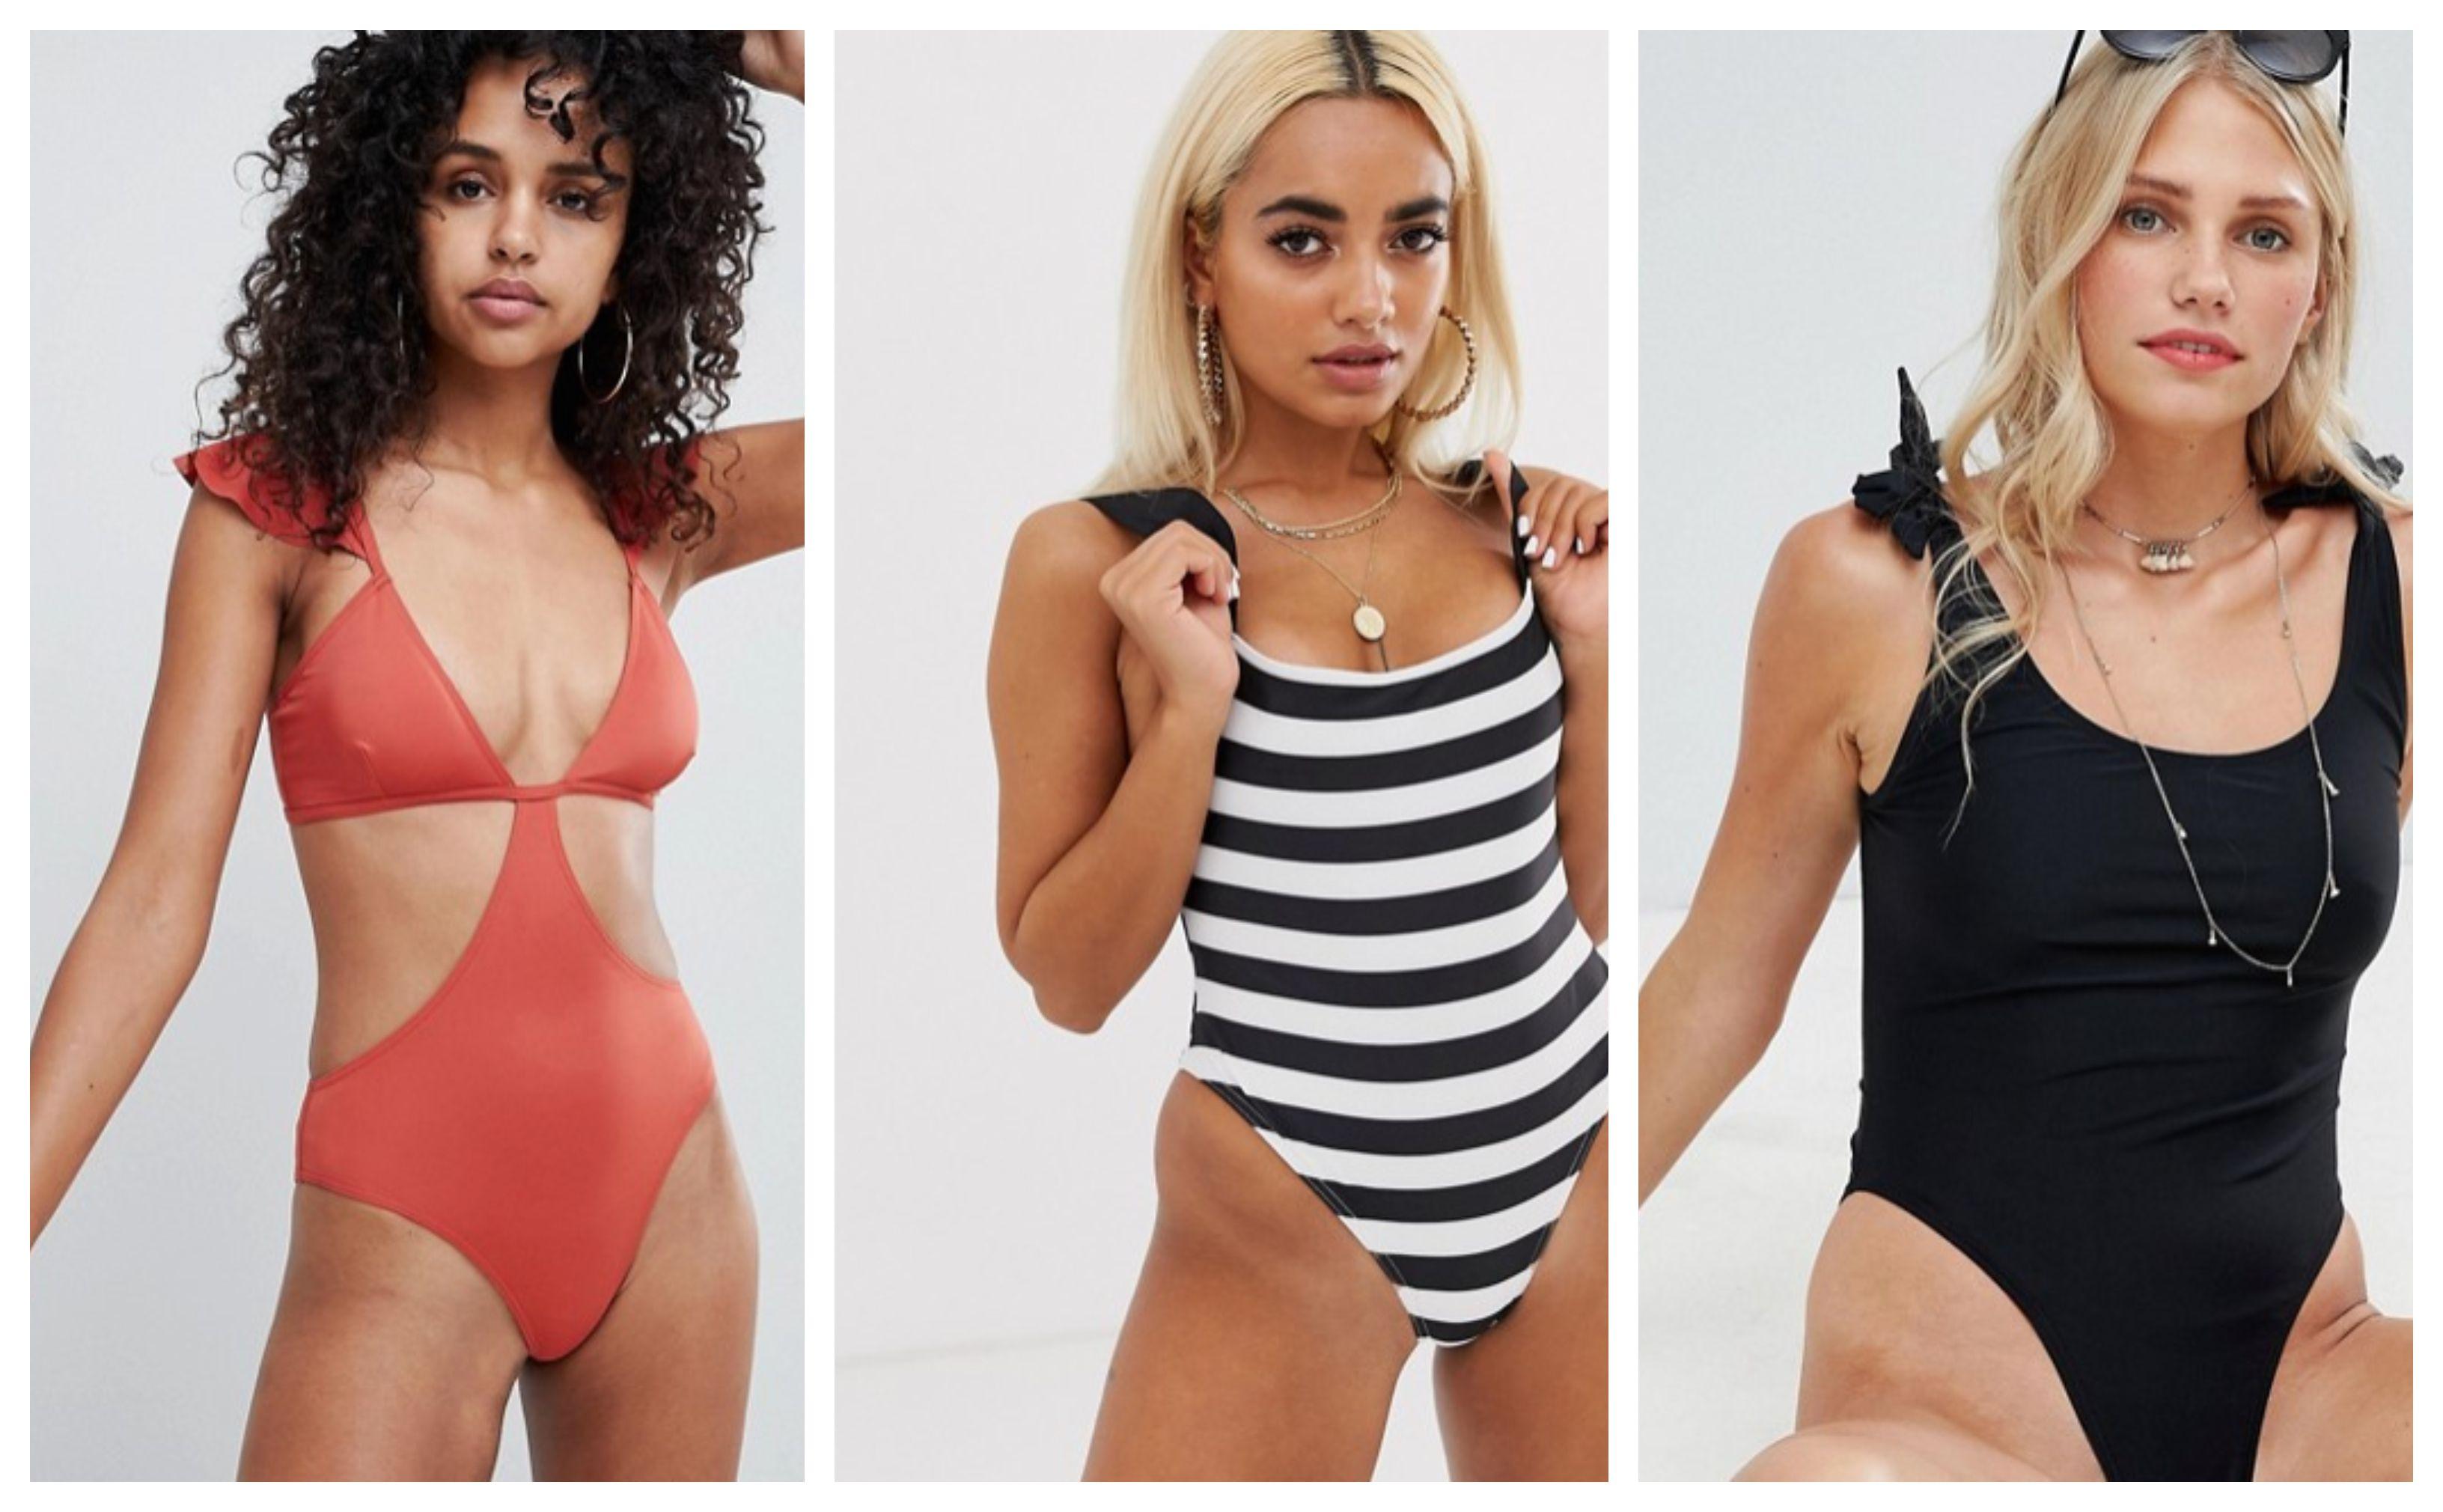 Pronašli smo najljepše jednodijelne kupaće kostime na ASOS-u do 80 kuna!